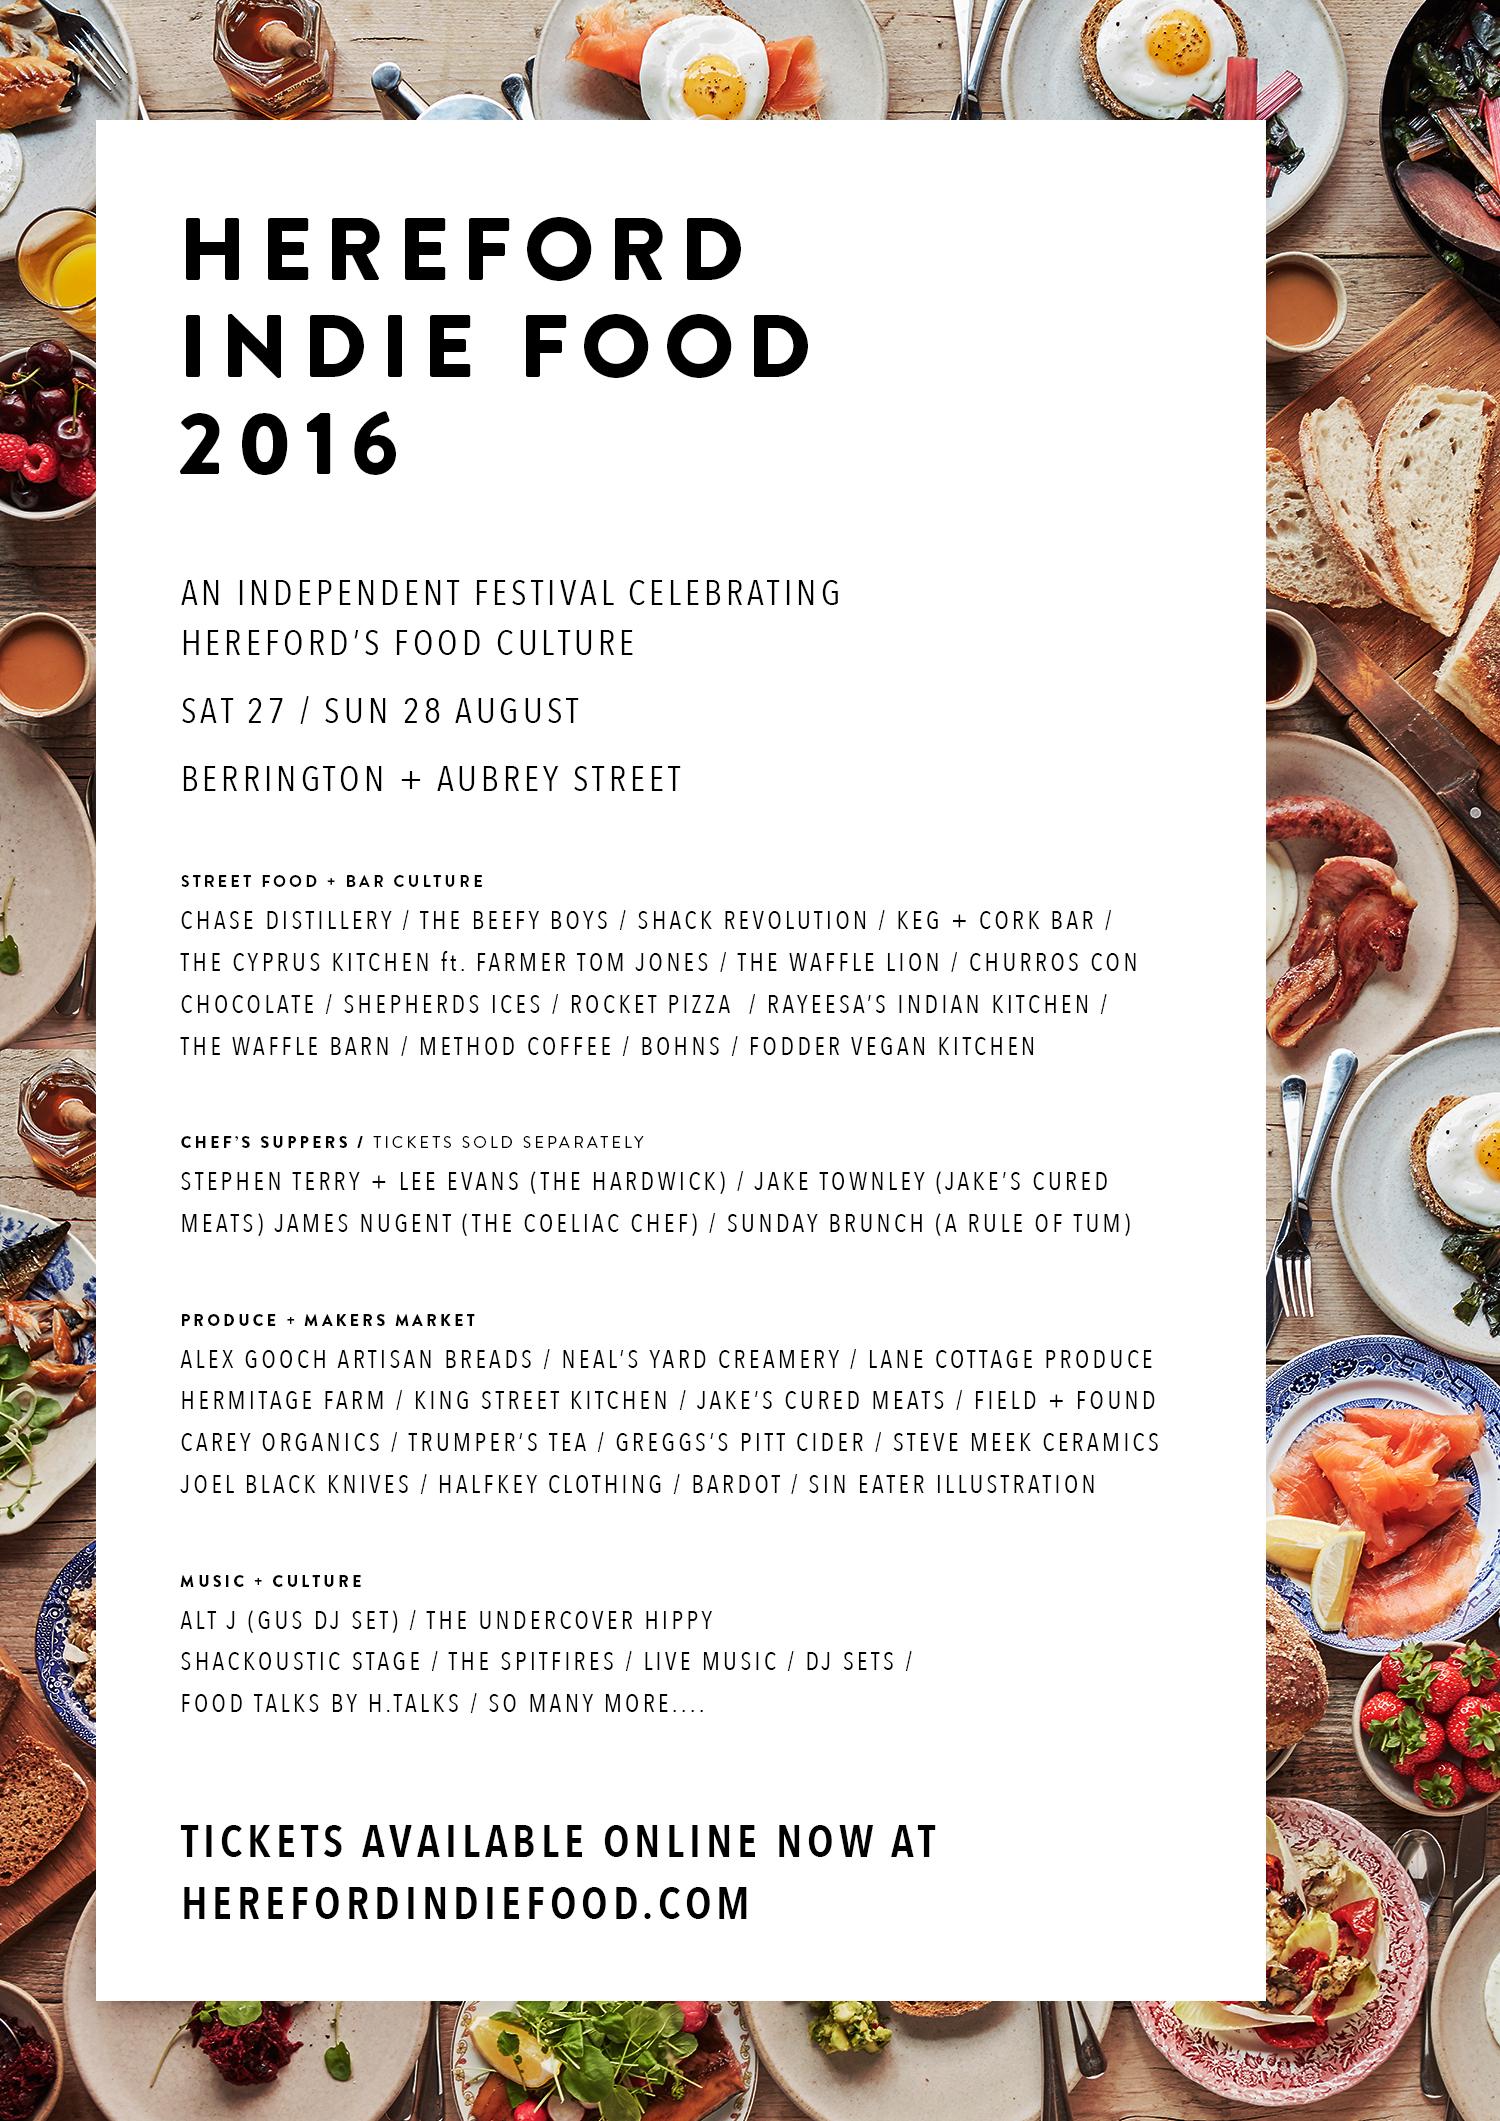 Hereford Indie Food Festival